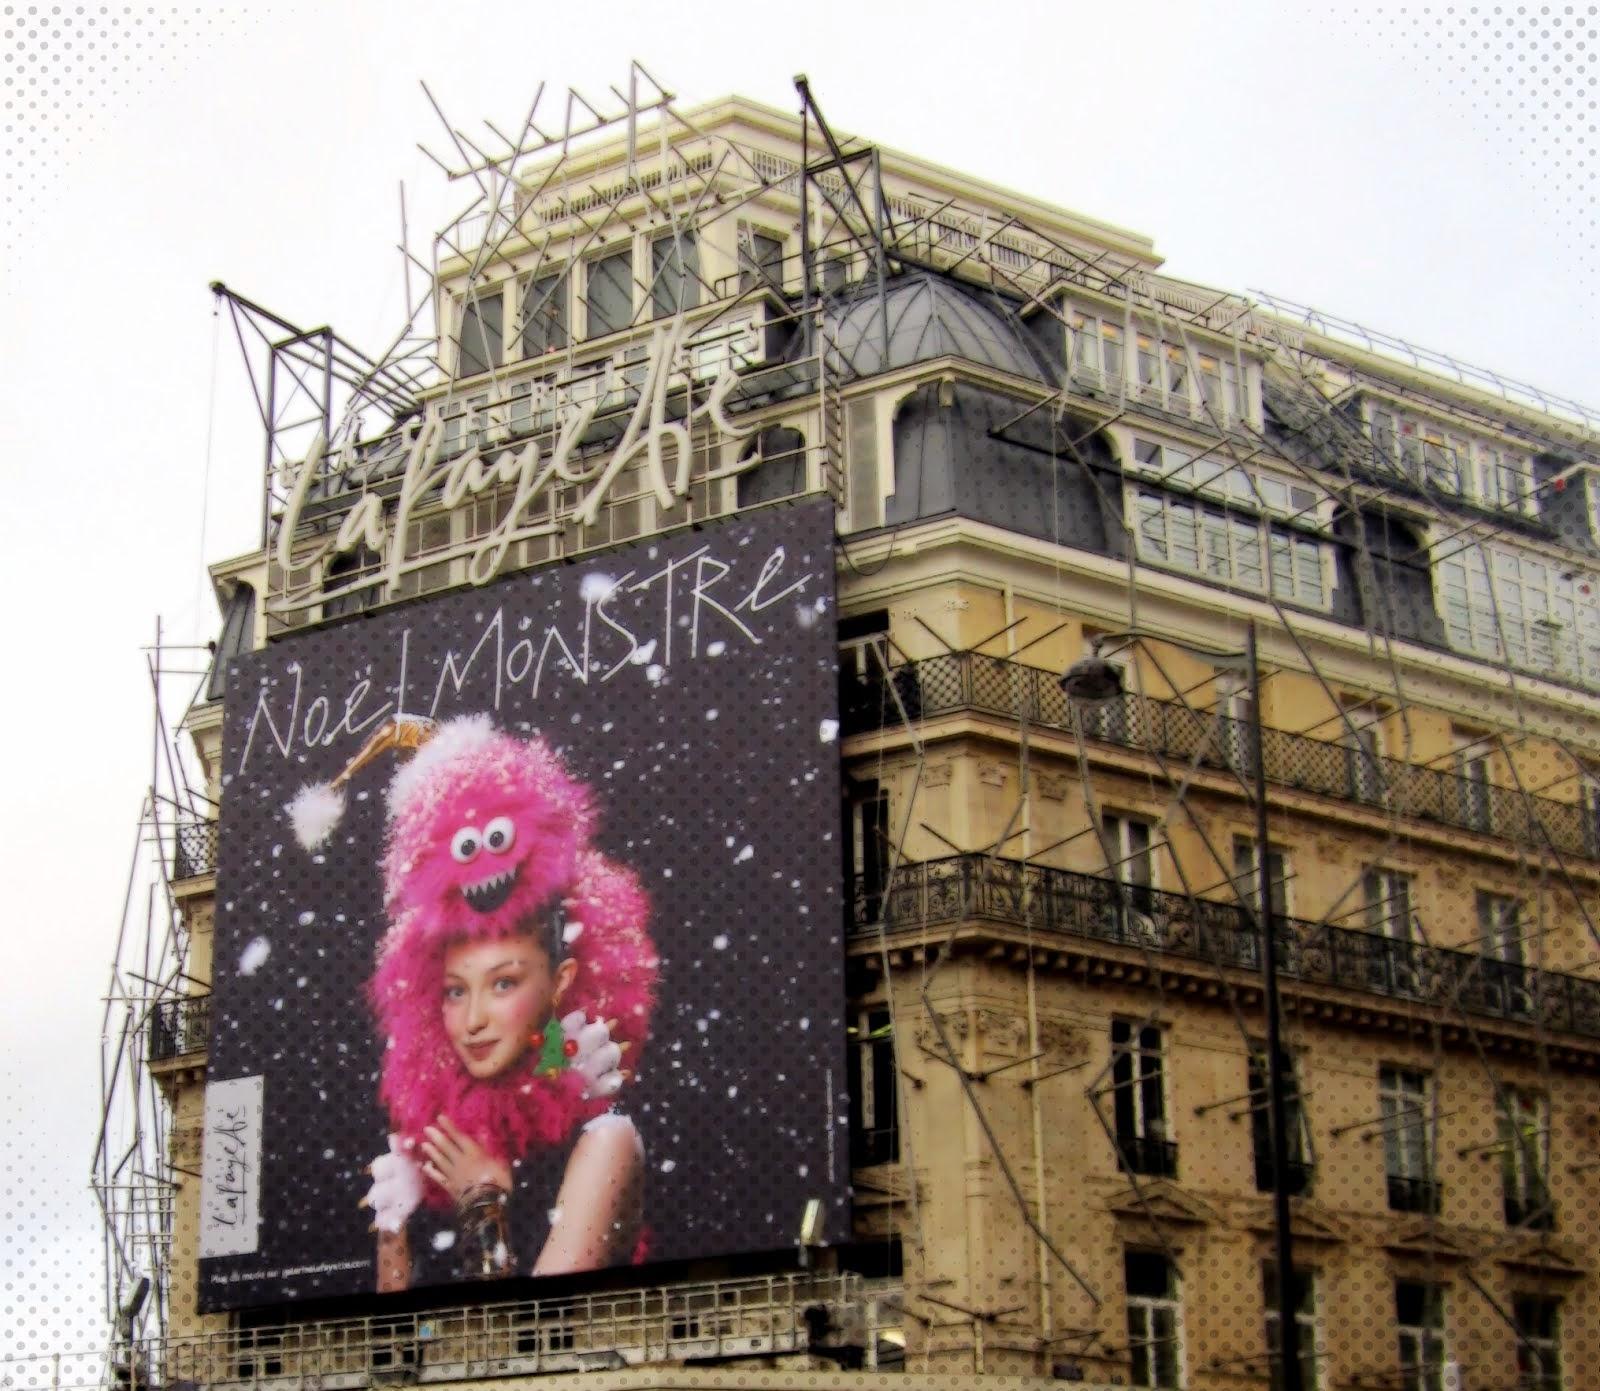 Noël Monstre